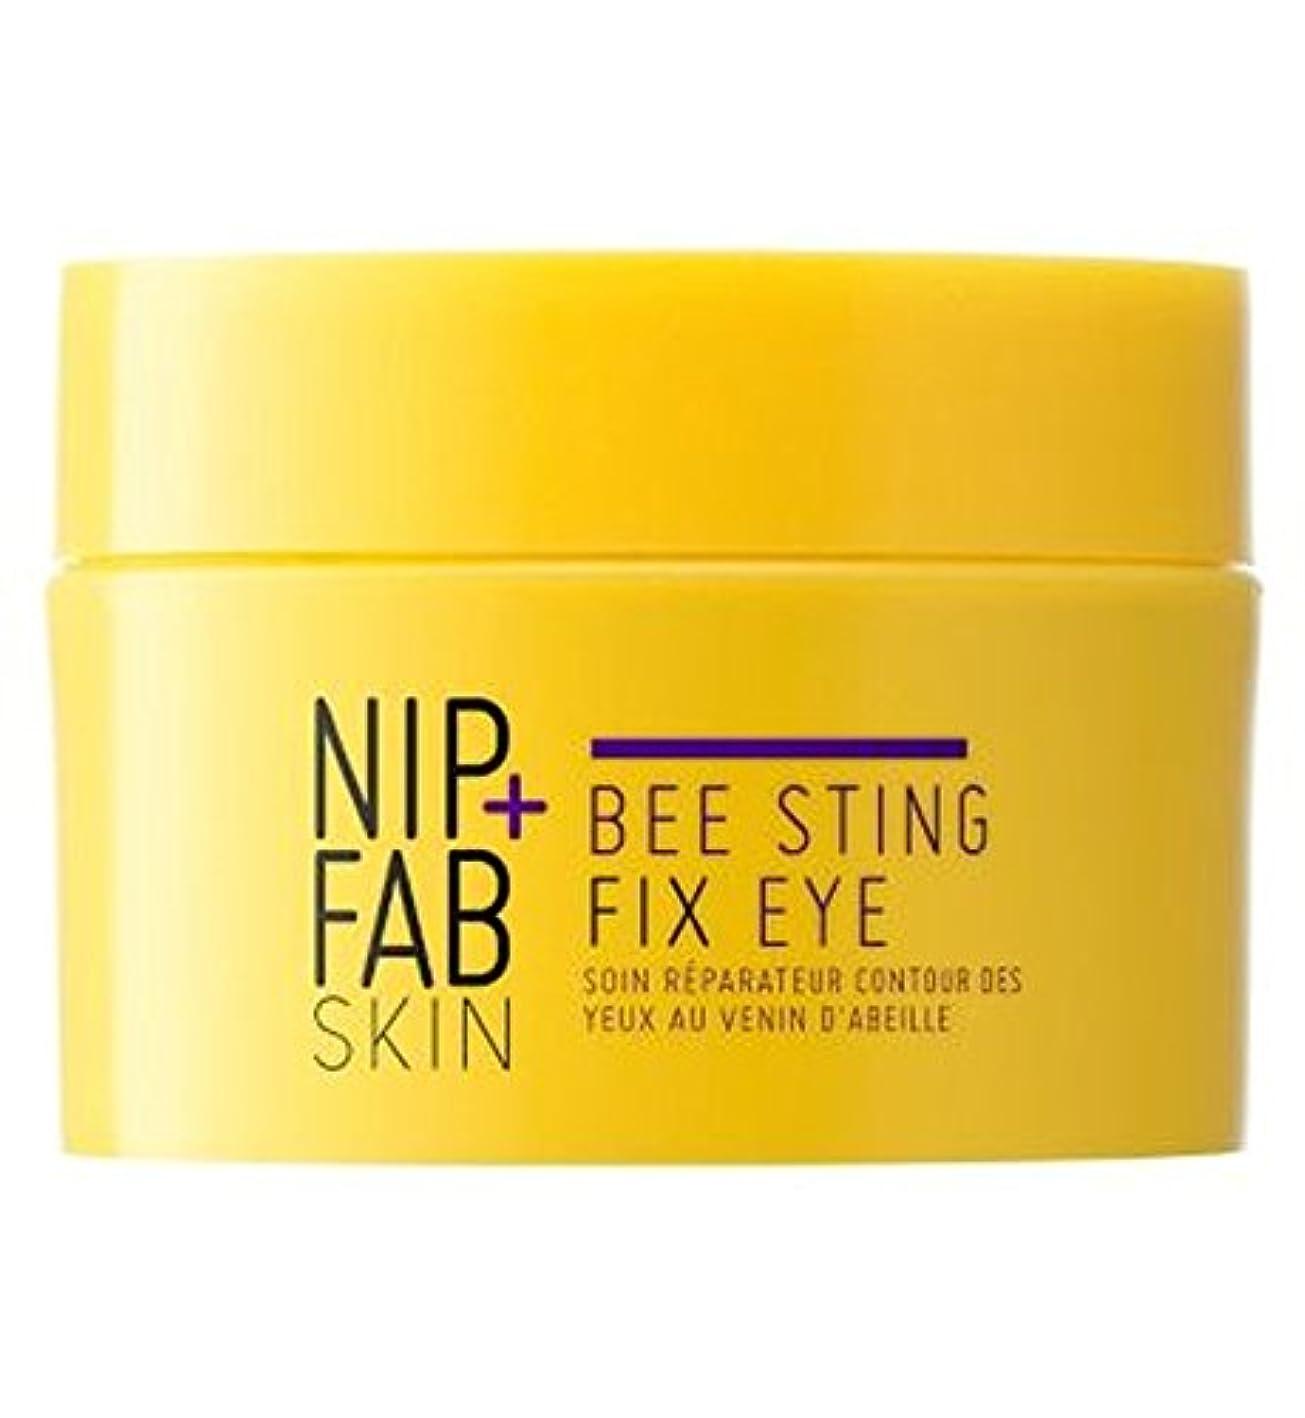 下向きベジタリアンダイヤモンドNip+Fab Bee Sting Fix Eye Night - +ファブハチ刺されフィックス目の夜ニップ (Nip & Fab) [並行輸入品]